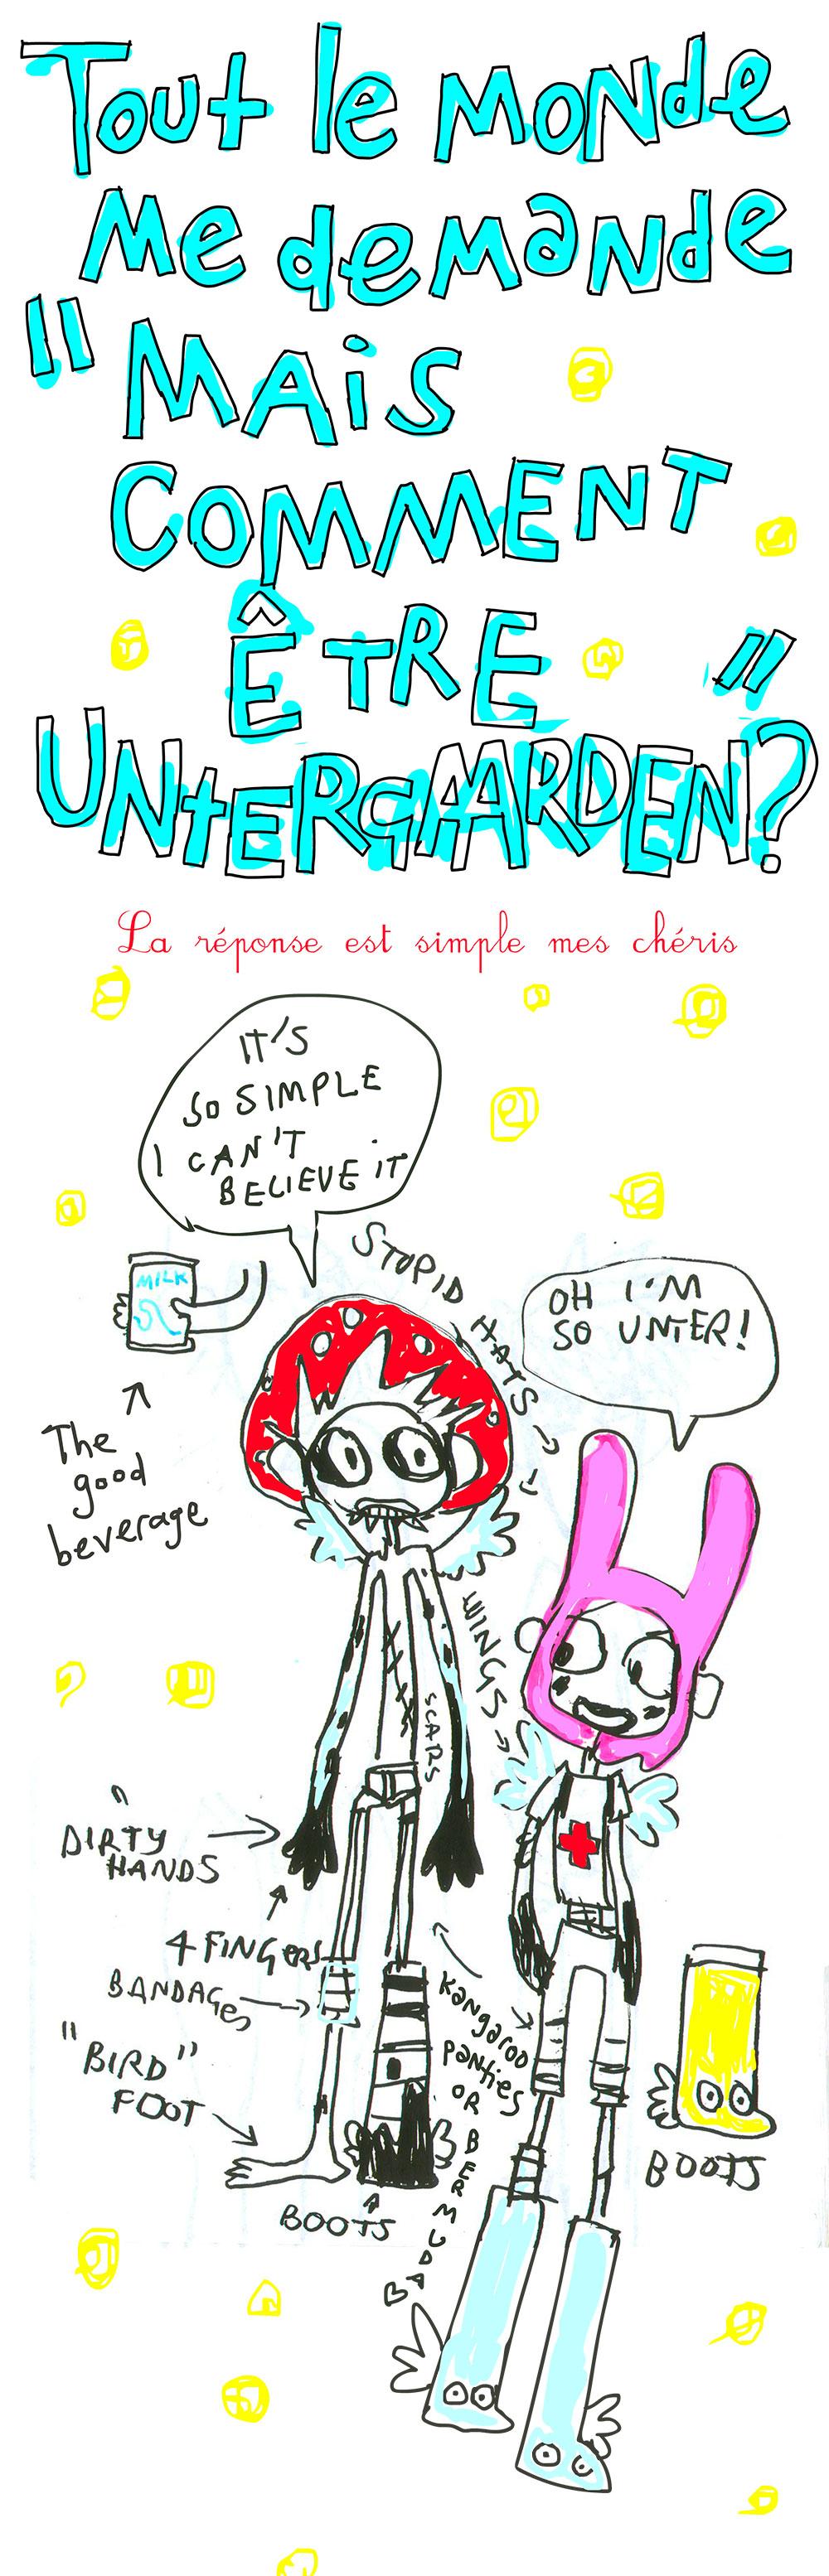 Une capuche fraise, une cagoule lapin, l'art d'avoir un look iconique